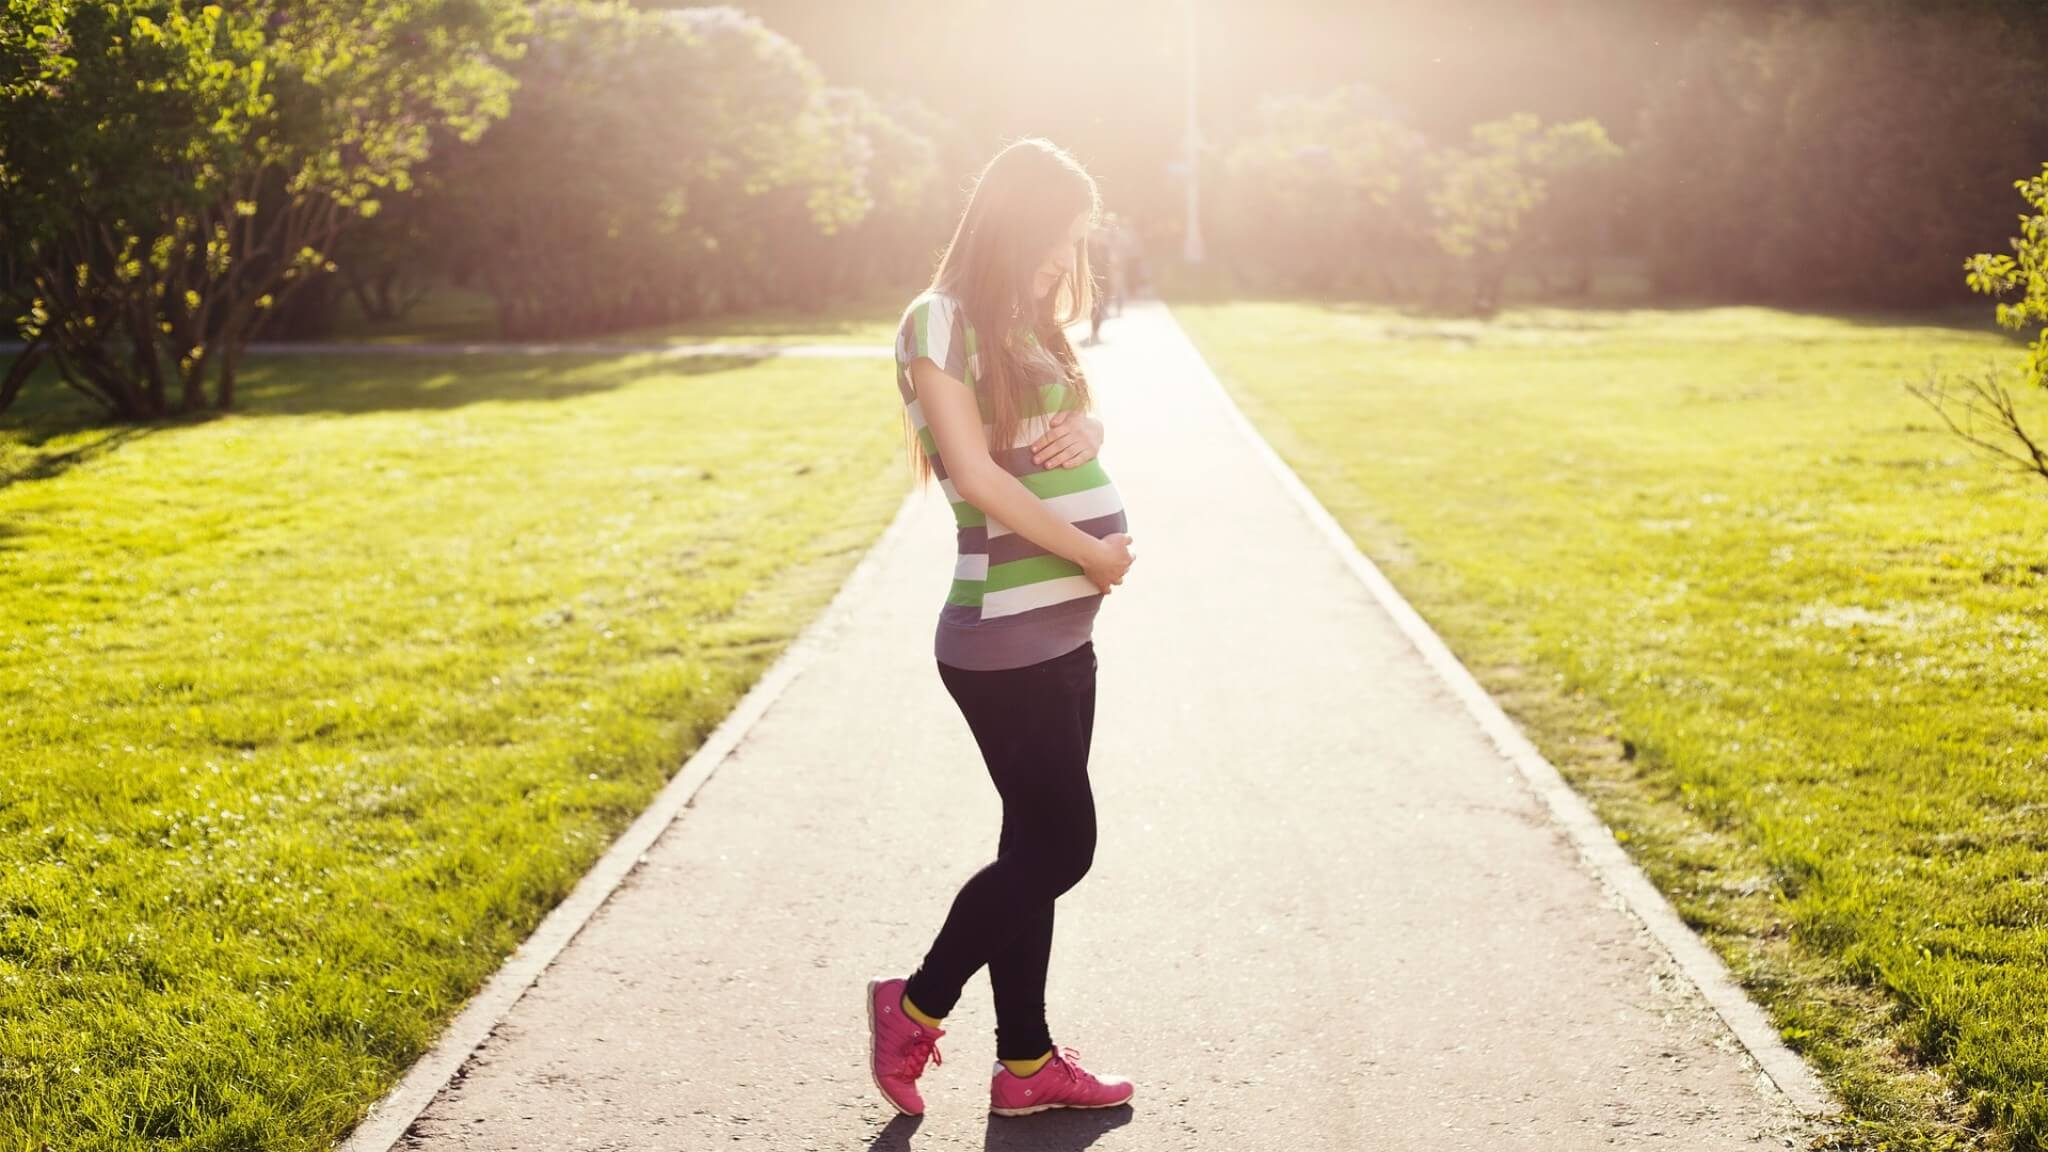 Gravidanza Attiva, indicazioni pratiche per l'esercizio fisico